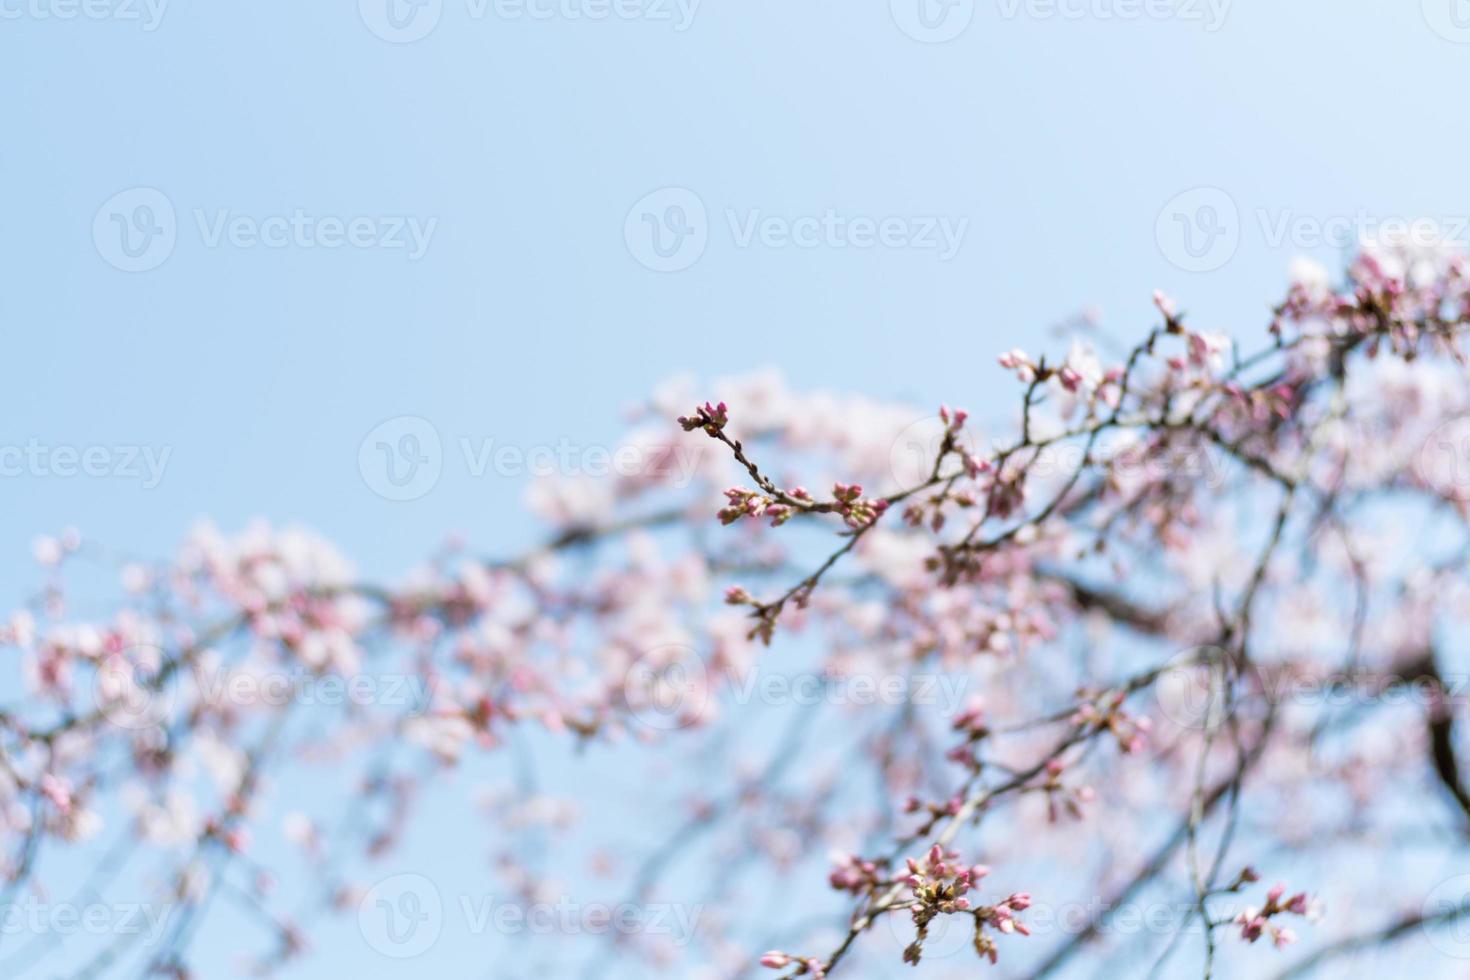 körsbärsröd knopp och bakgrund för blå himmel foto